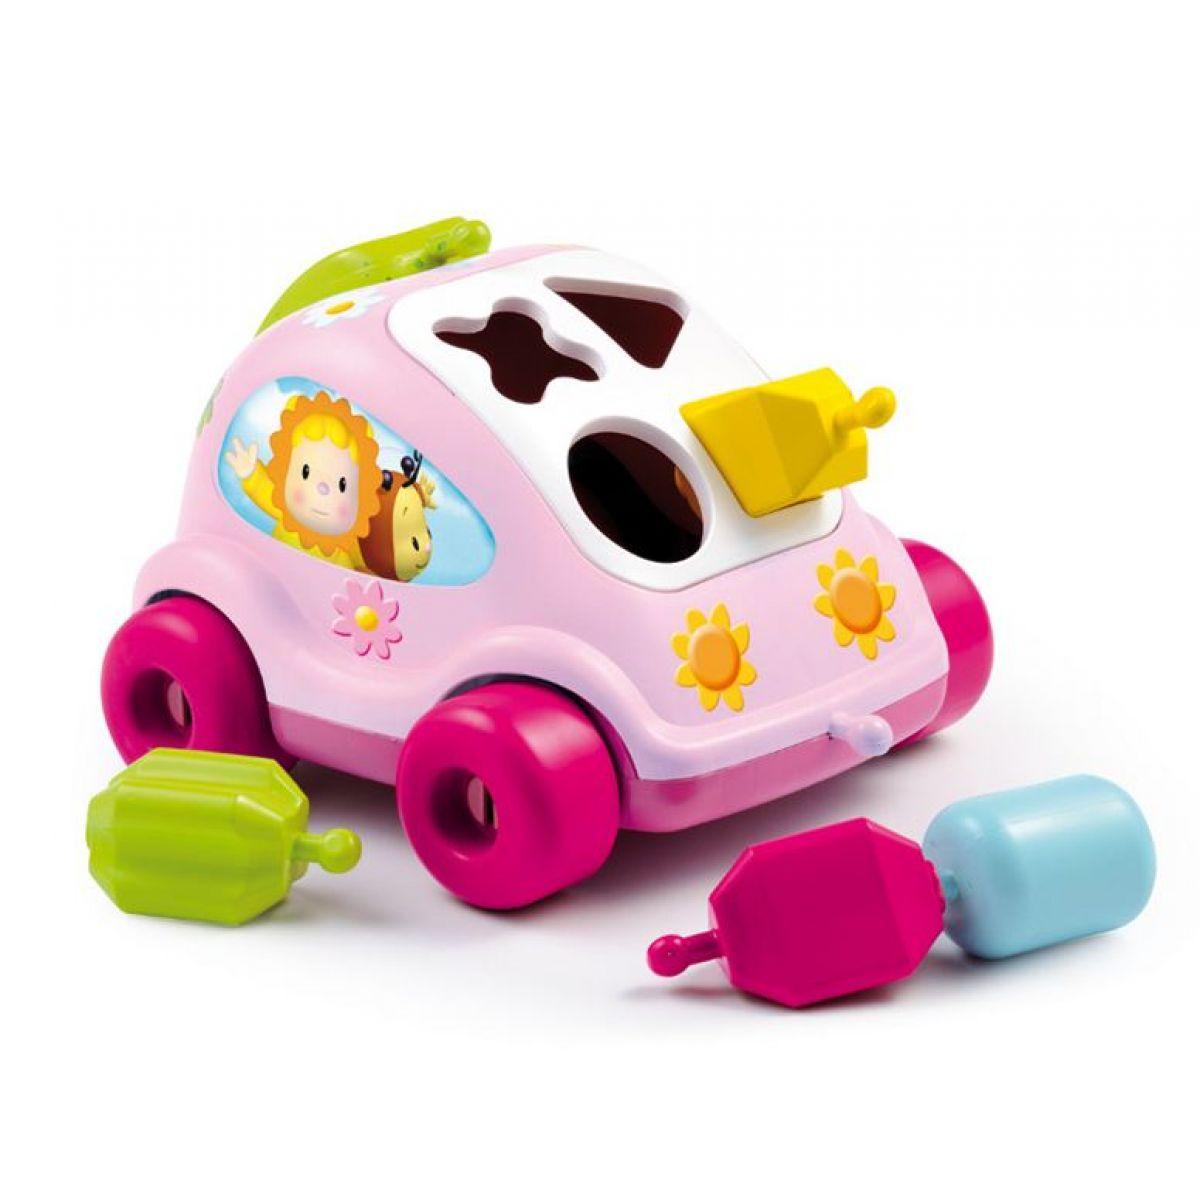 Cotoons autíčko vkládačka - Růžová